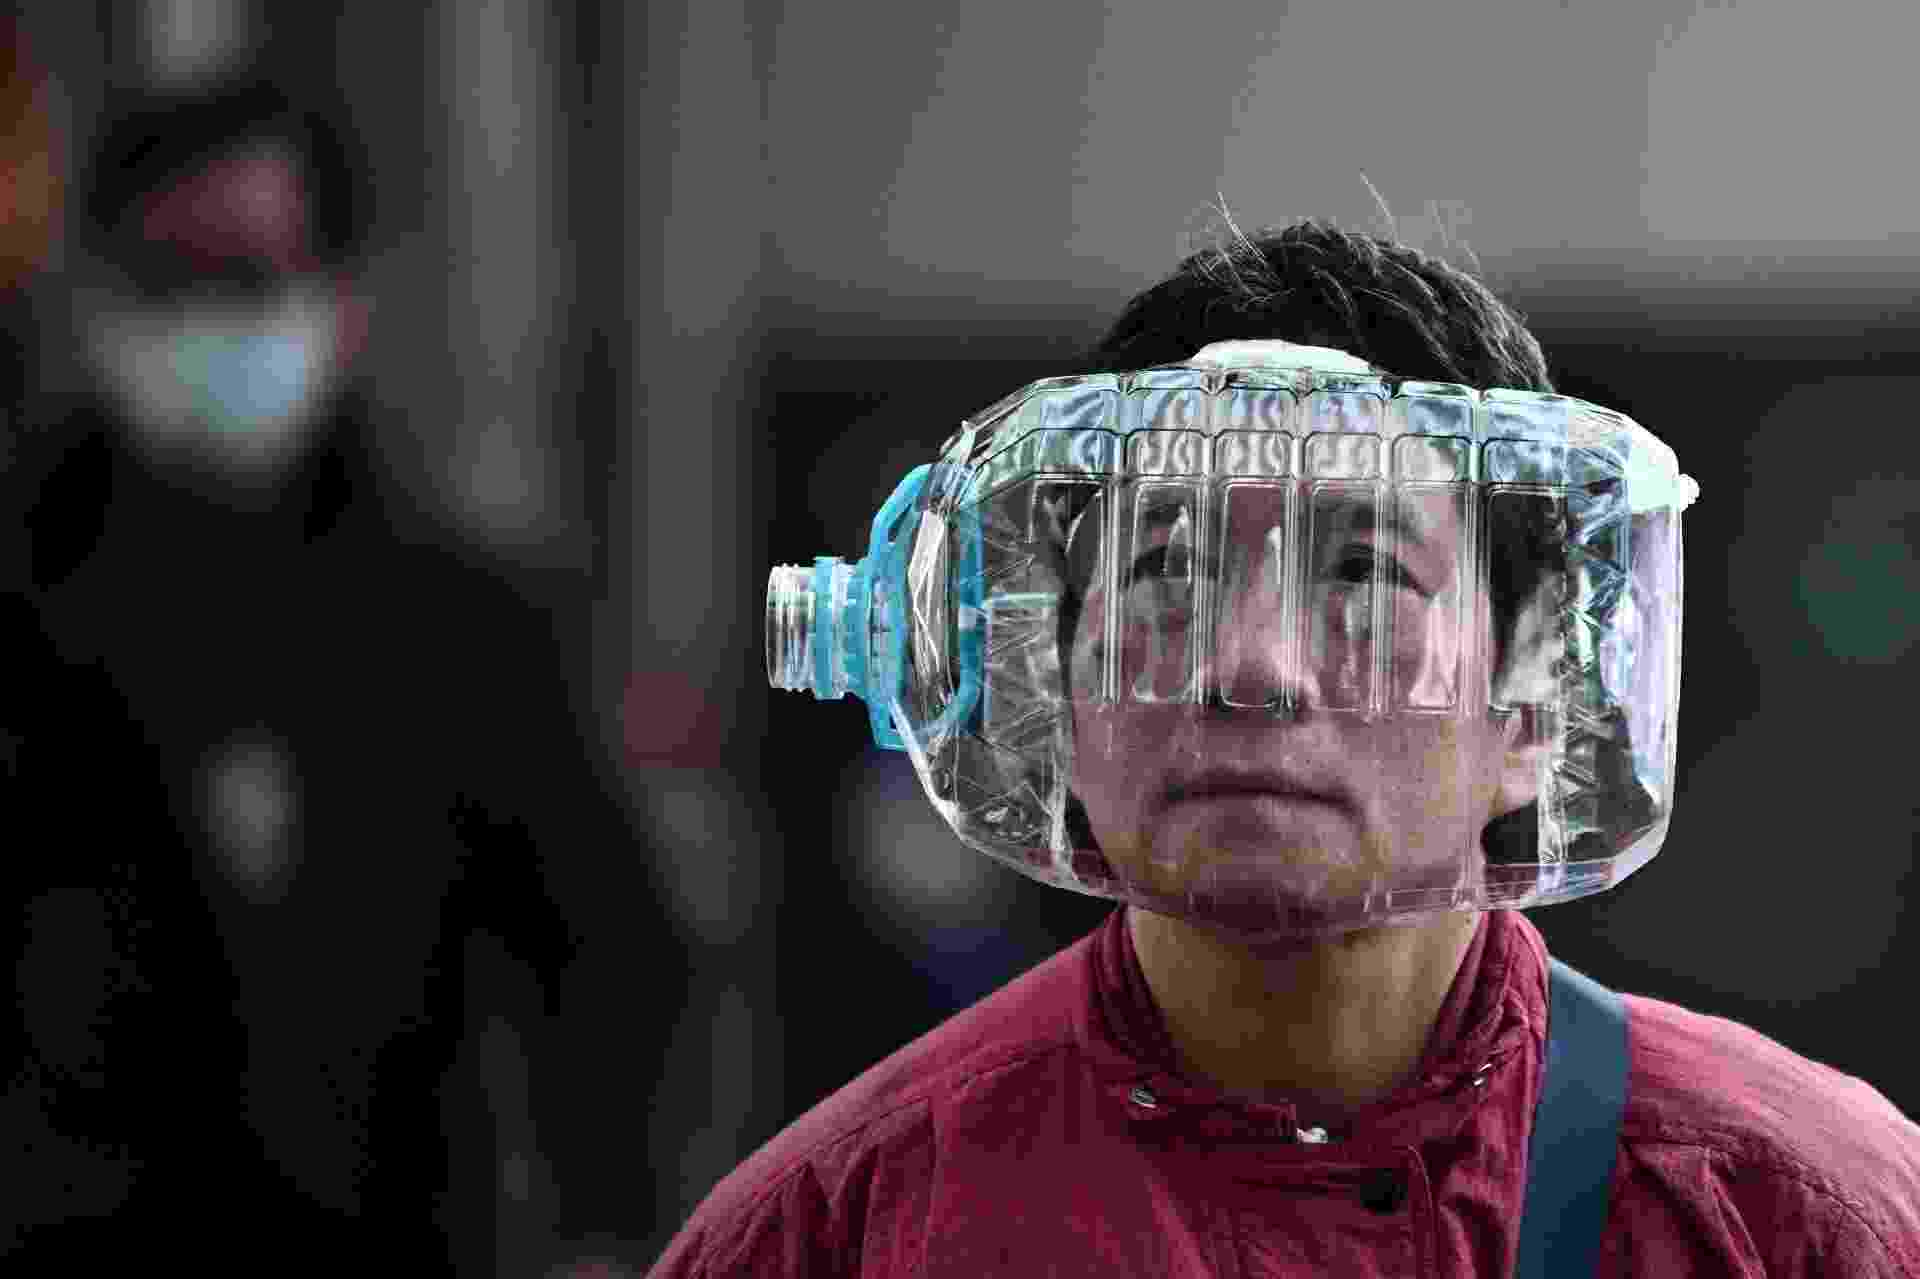 31.jan.2020 - Mulher usa uma garrafa plástica para refirçar a proteção contra o coronavírus, em Hong Kong - ANTHONY WALLACE/AFP